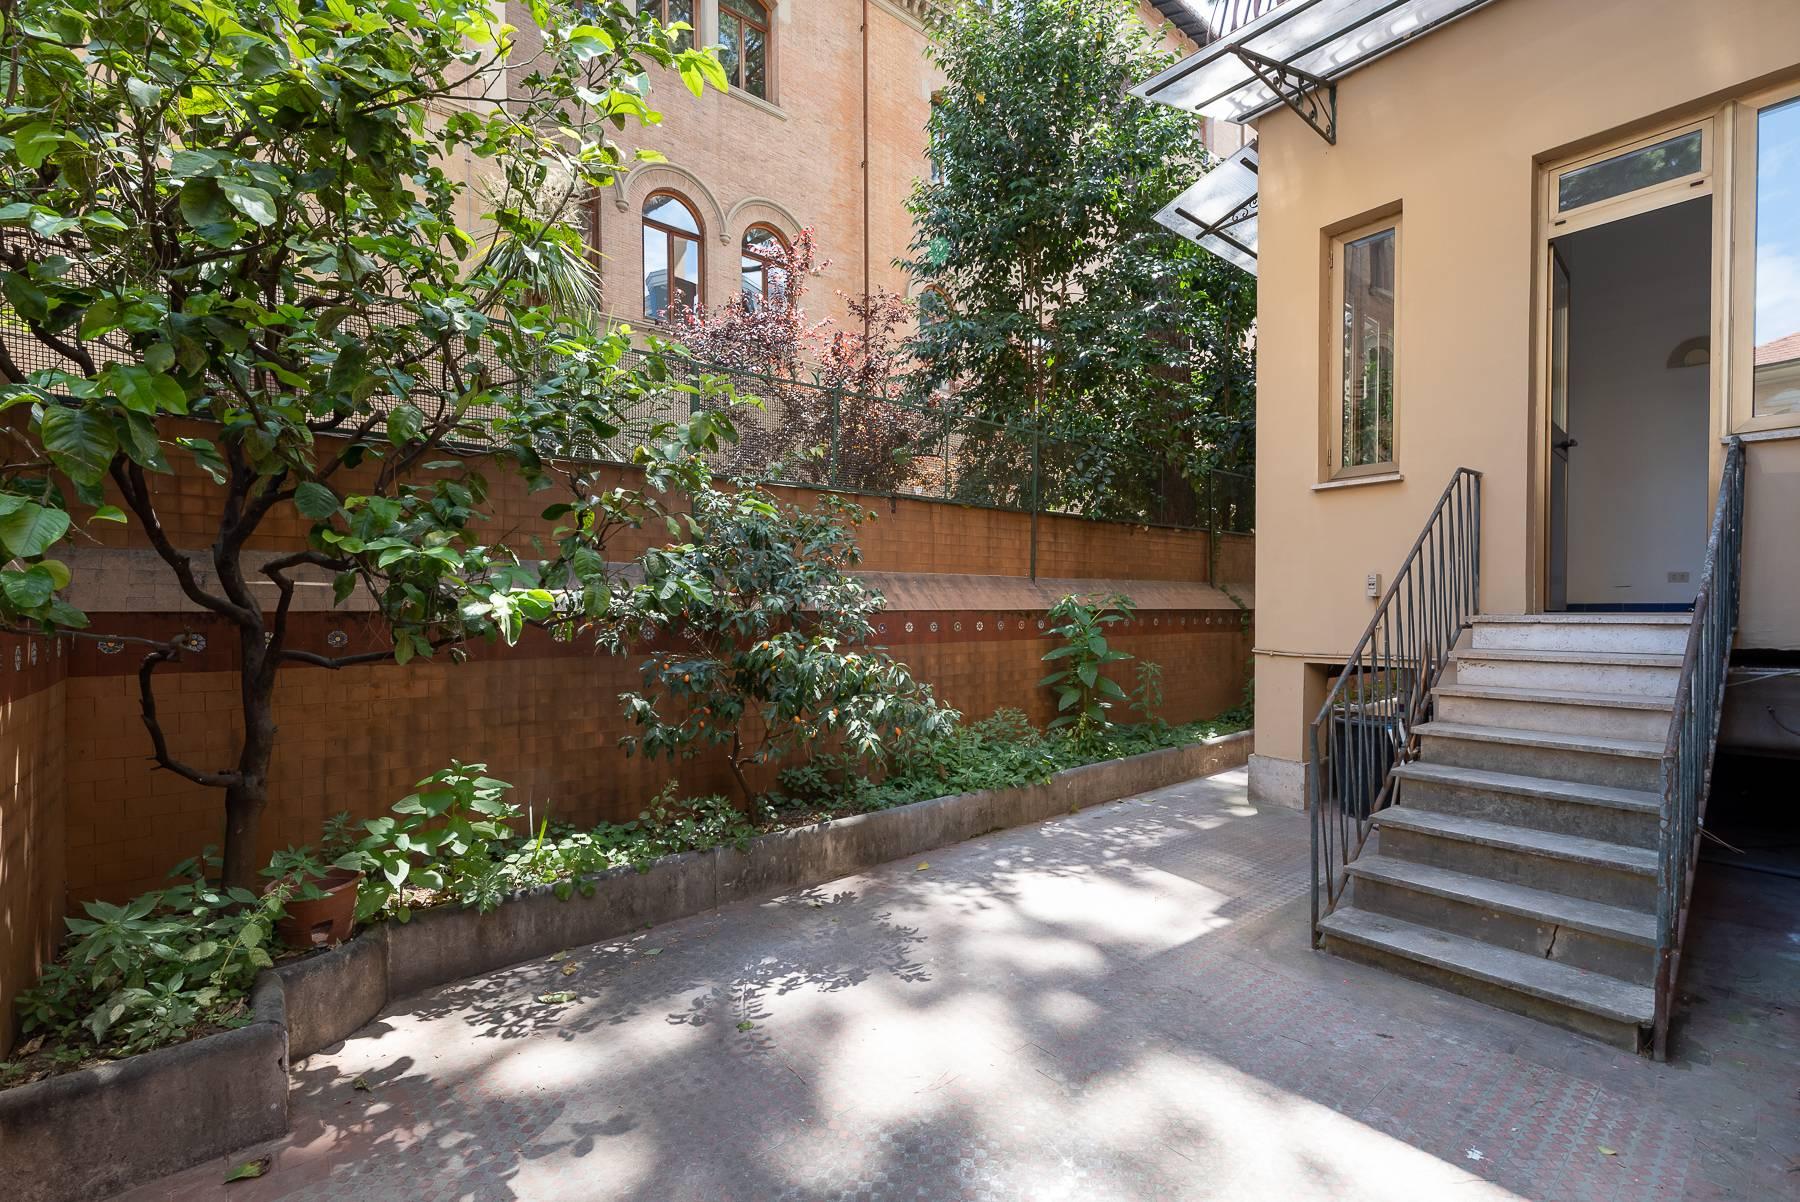 Ufficio-studio in Vendita a Roma: 5 locali, 322 mq - Foto 17